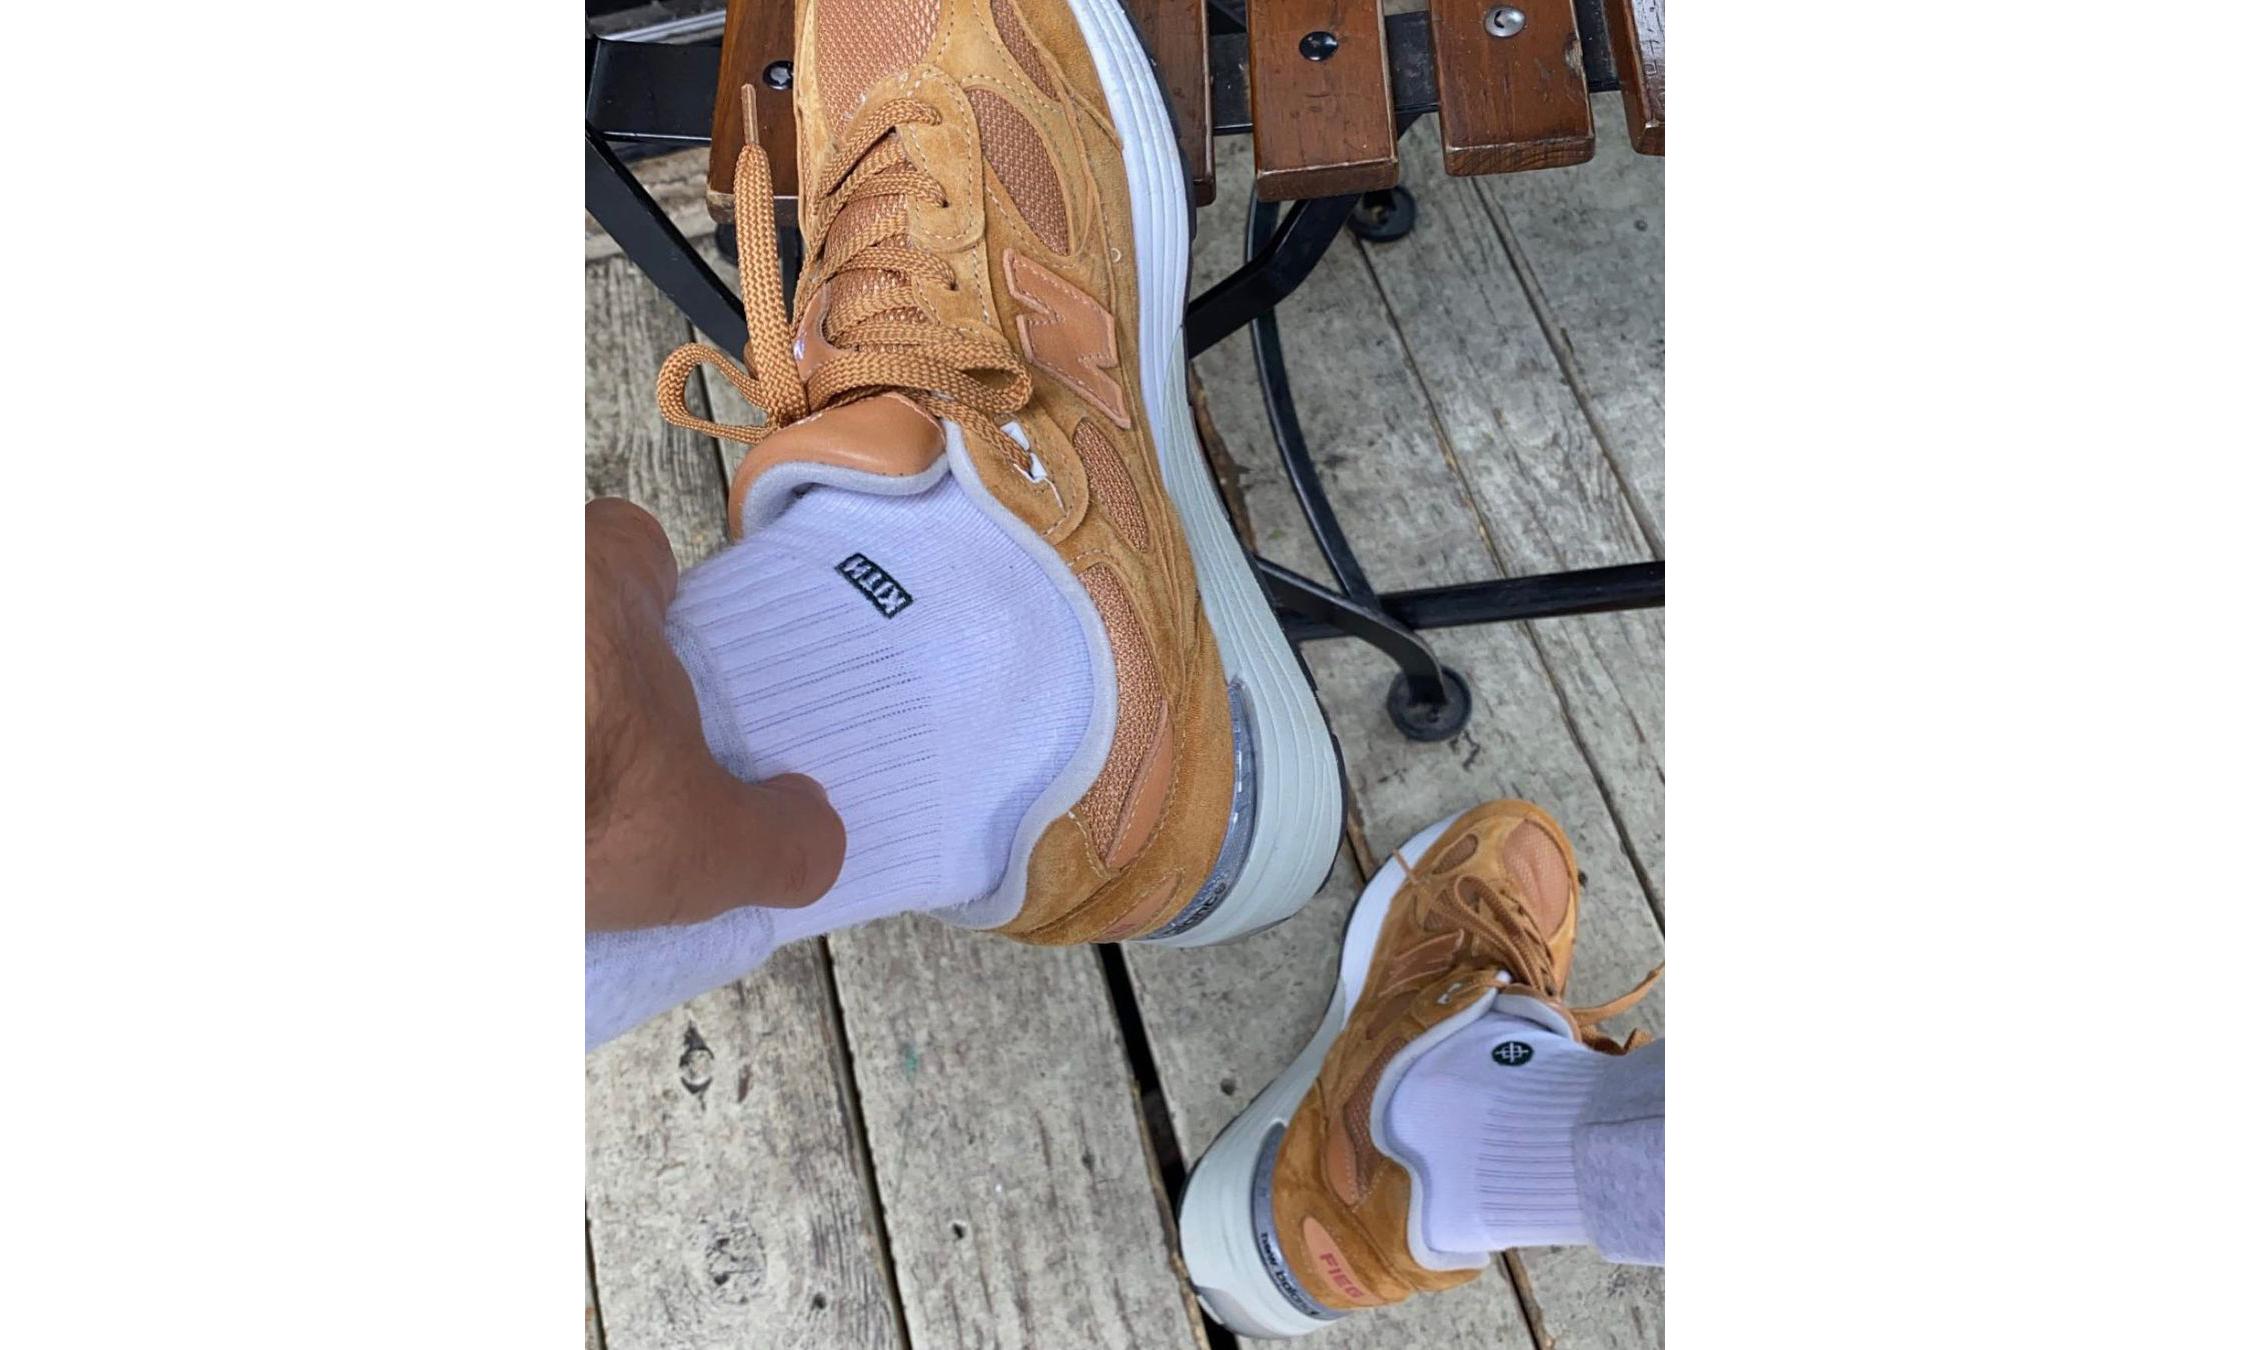 Ronnie Fieg 展示 New Balance 992 新联名鞋款